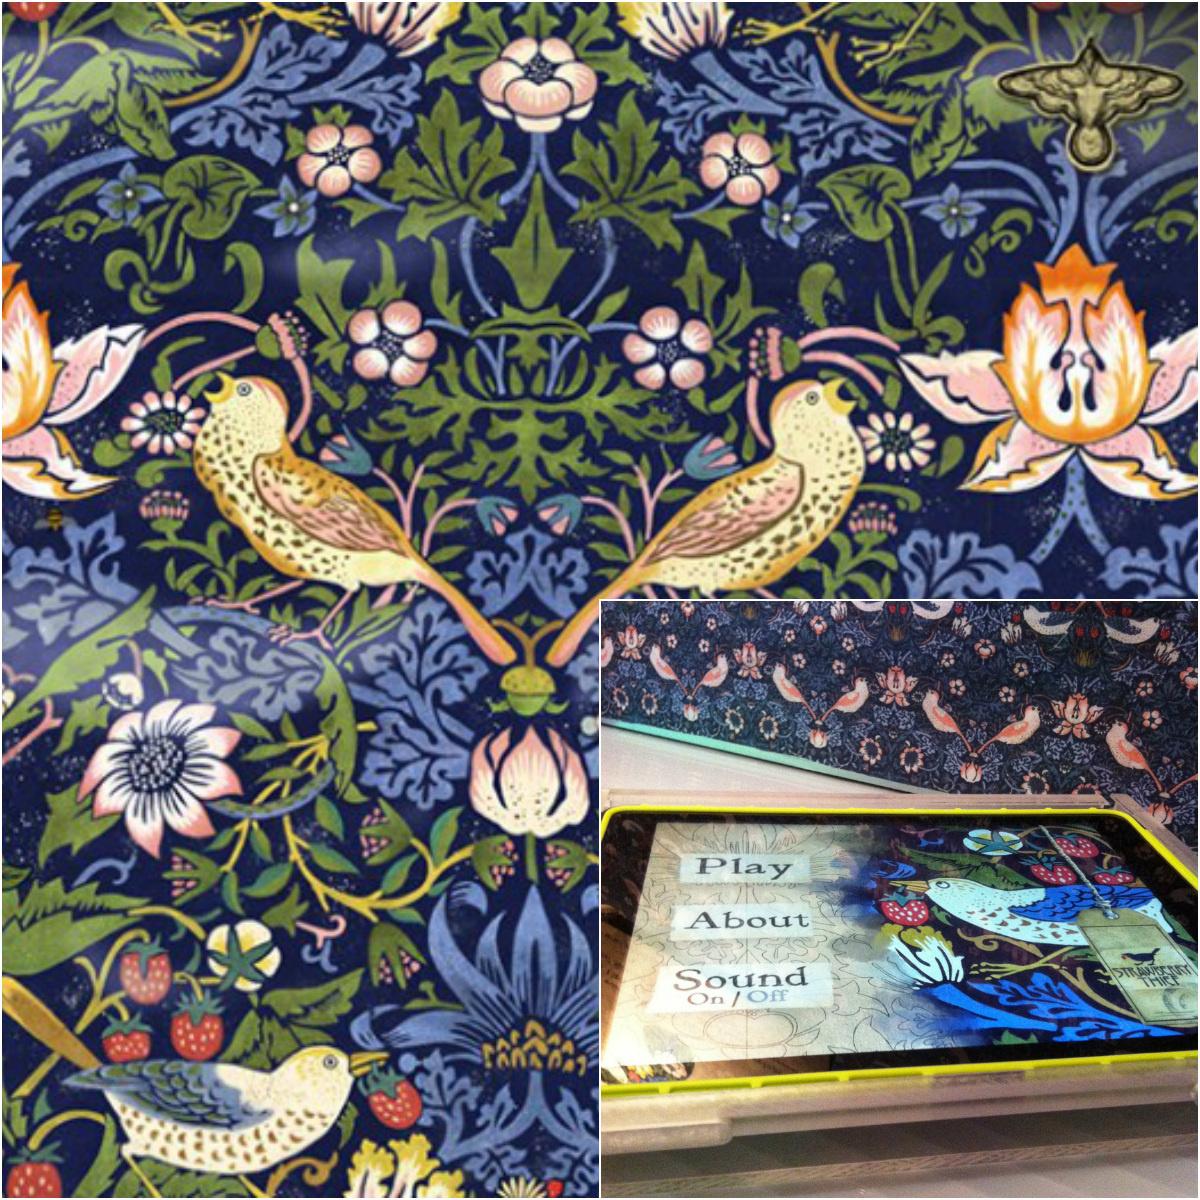 Музей Виктории и Альберта представил игру по работе прерафаэлита Уильяма Морриса: ловите птичку для iPad !